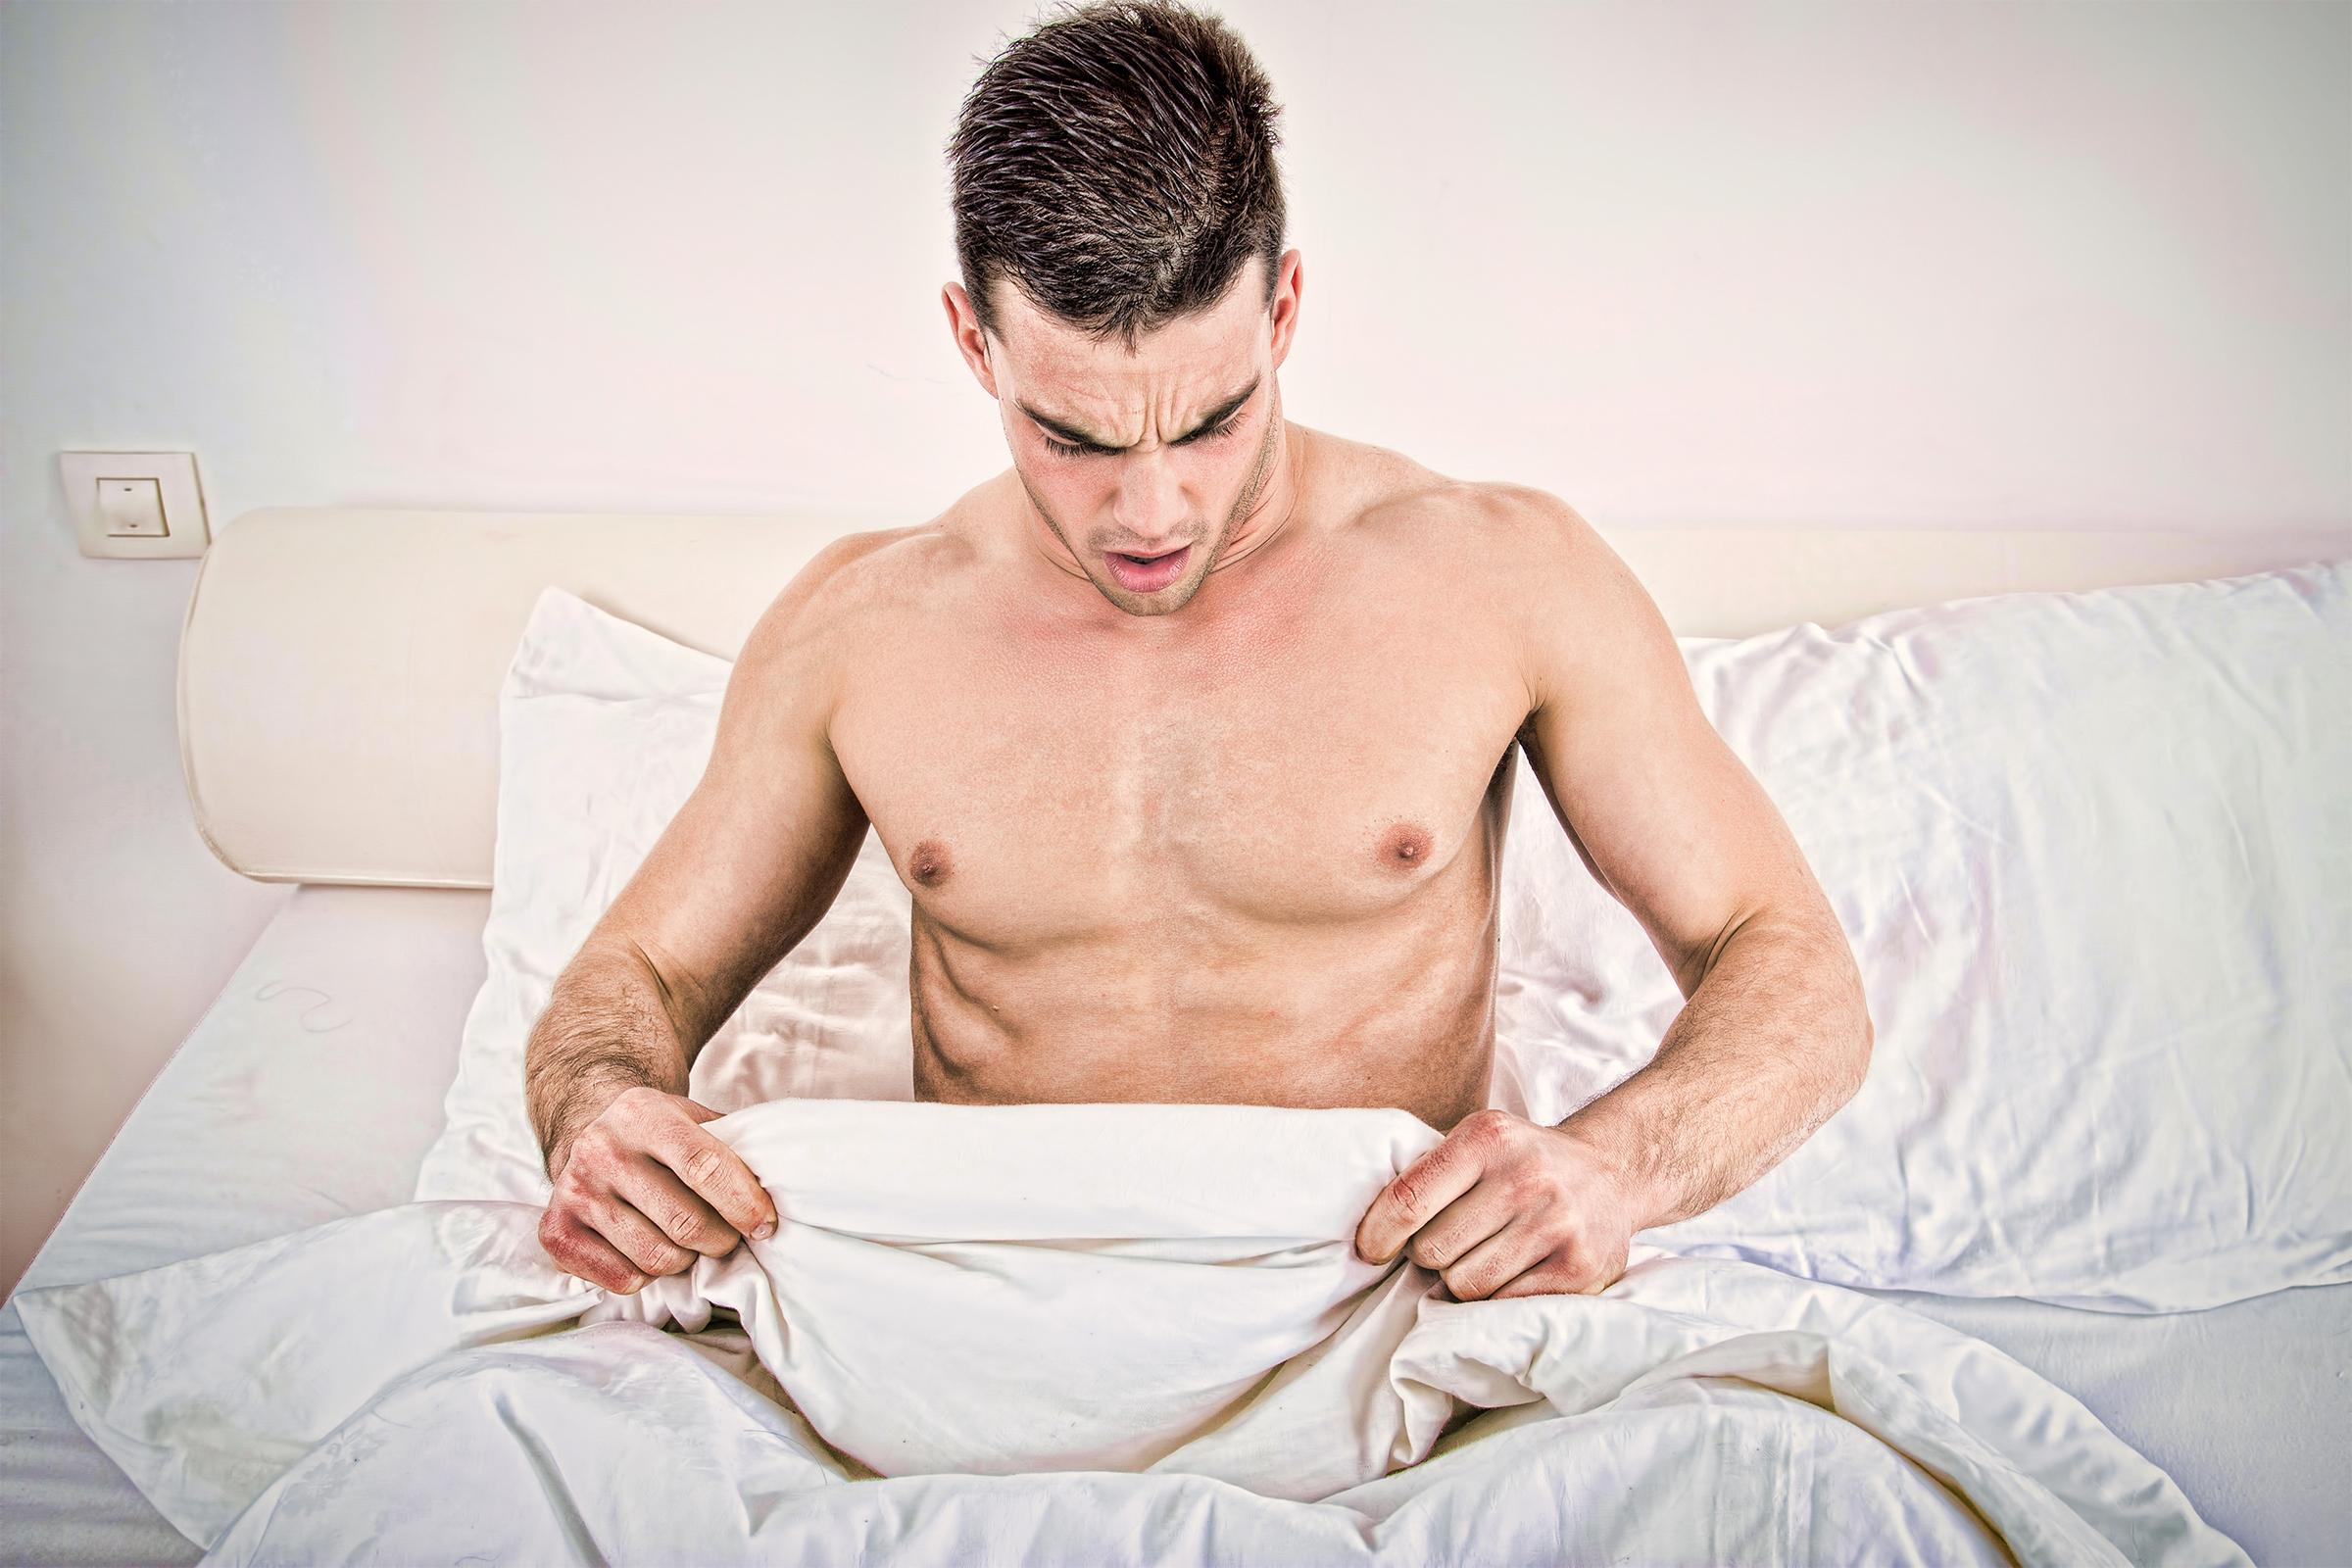 férfi pénisz eszköz érzékenység hiánya az erekció során